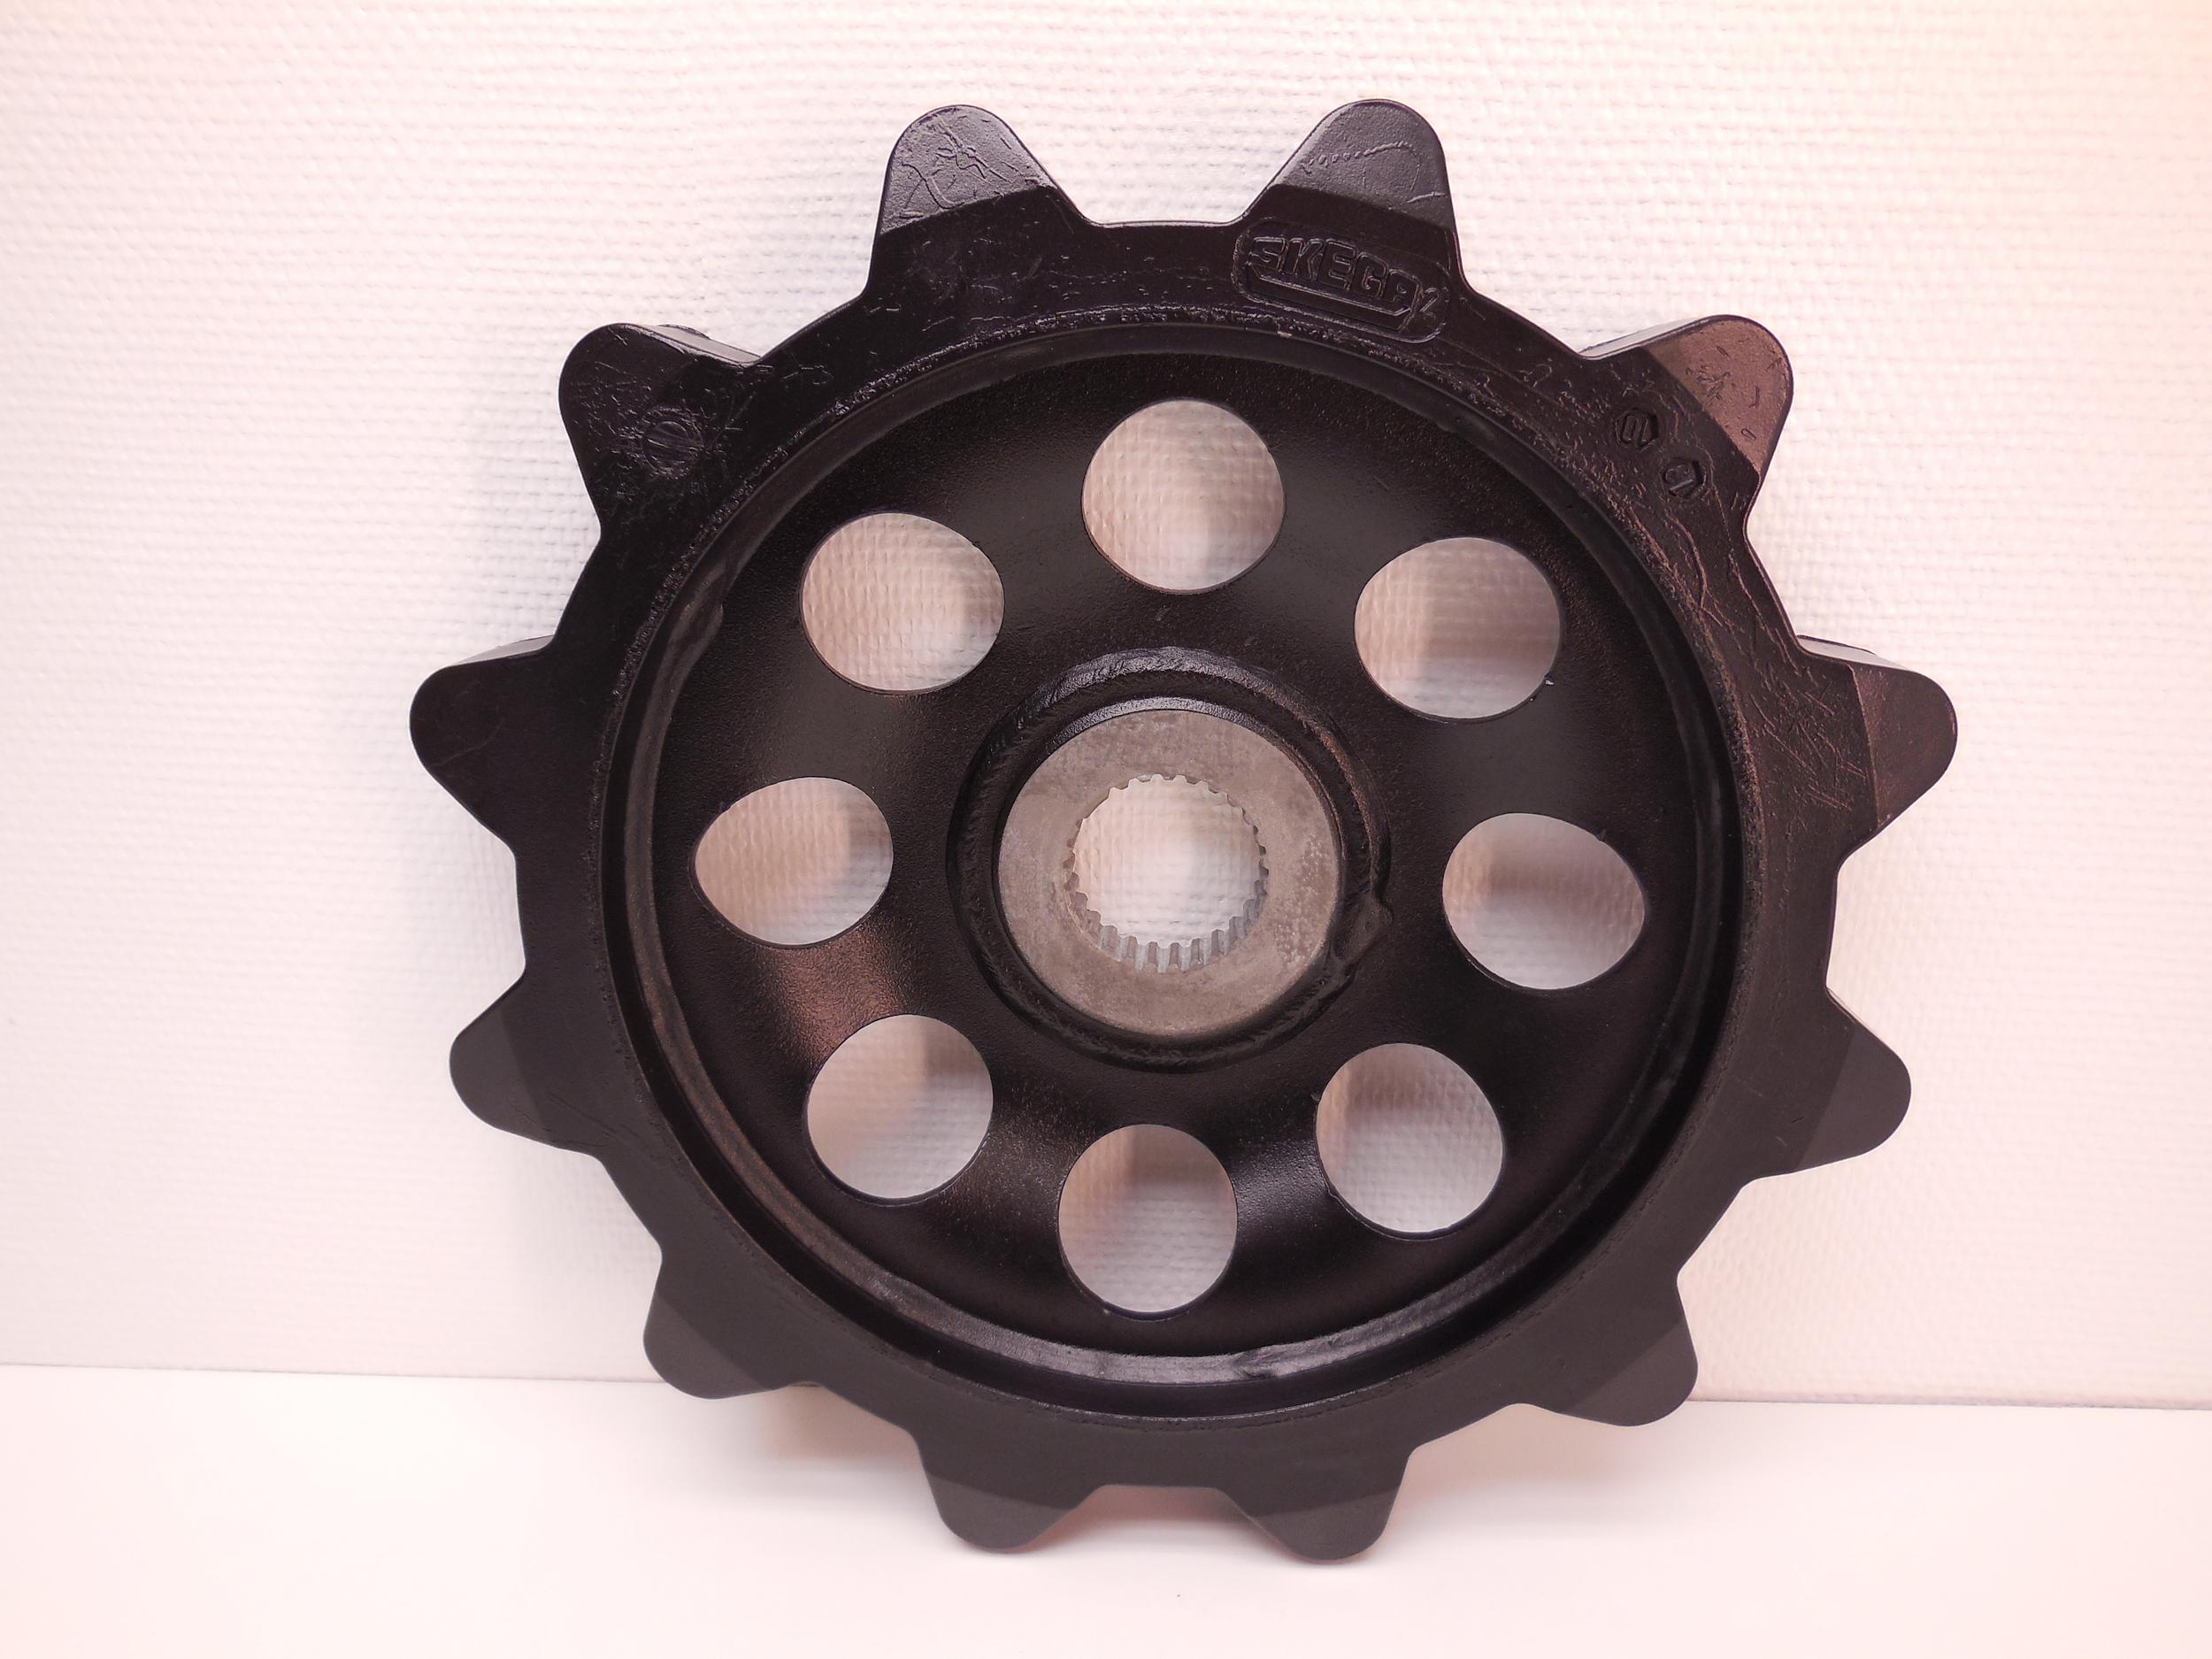 Renovated Sprocket Wheel   Häggo Nr: 253 6116-801 price: 4400 SEK